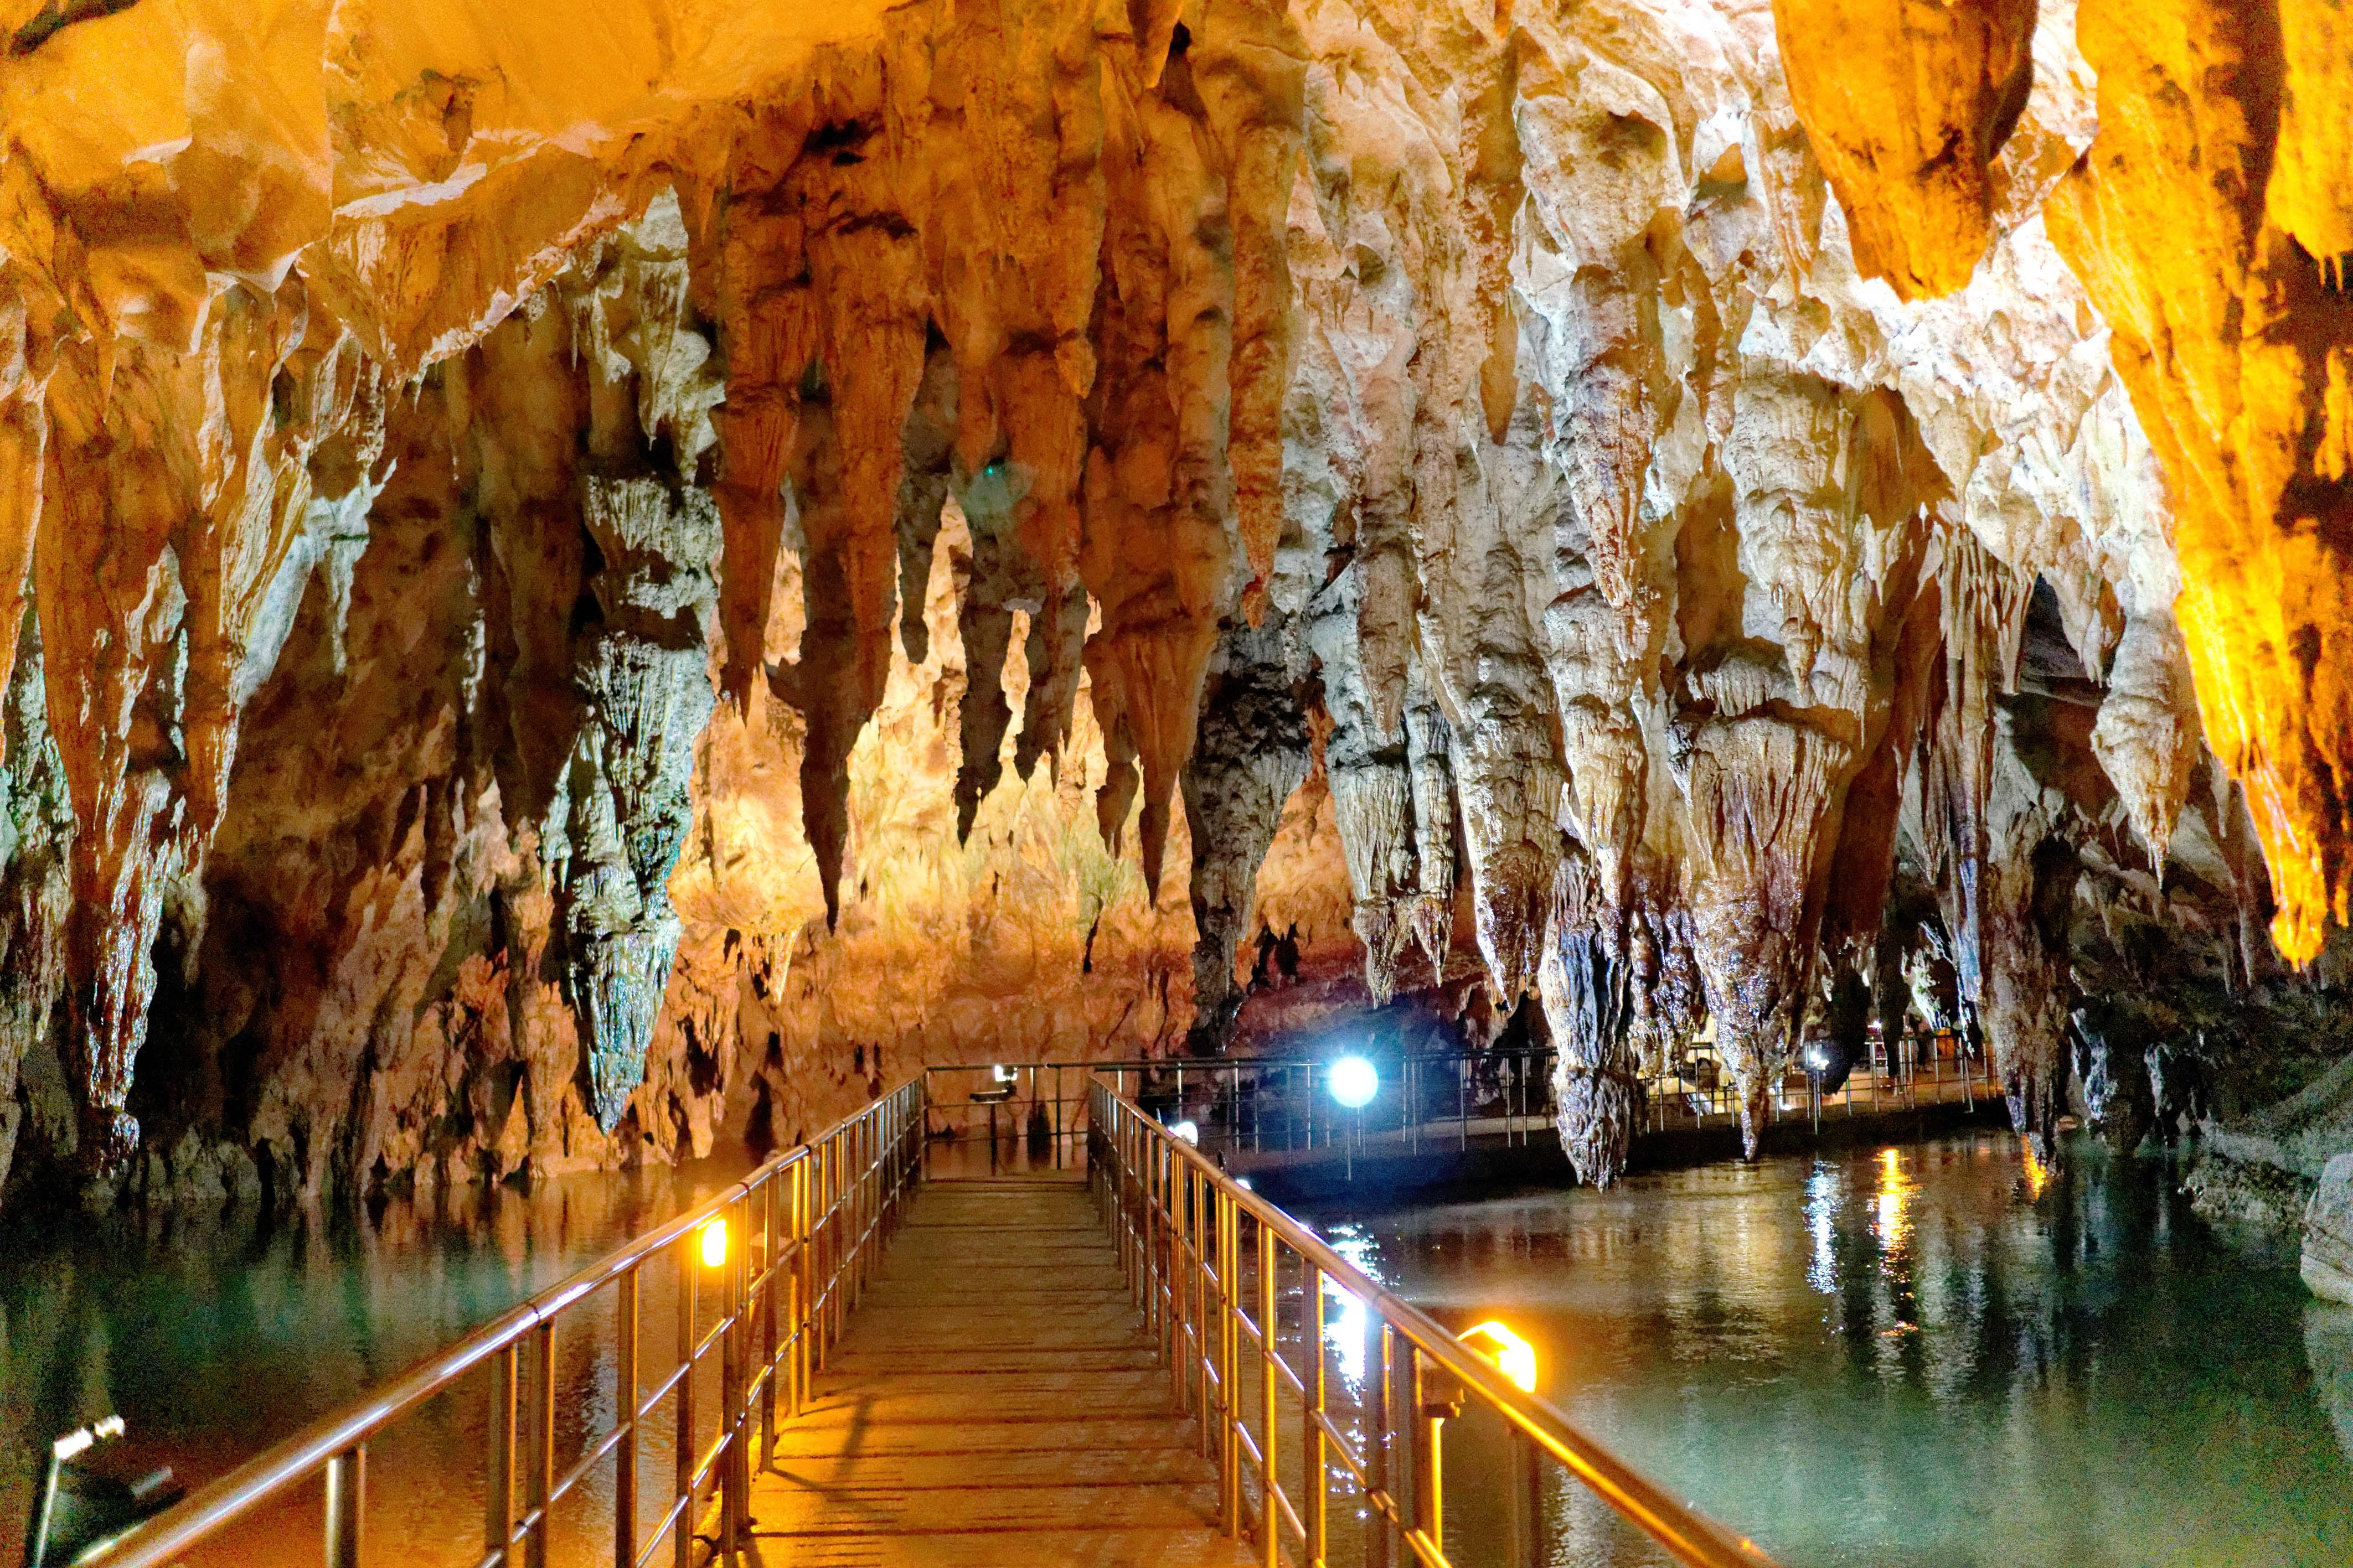 走进希腊阿加亚提斯洞穴地下堤岸和独特虹彩营造神秘氛围<_中欧新闻_欧洲中文网